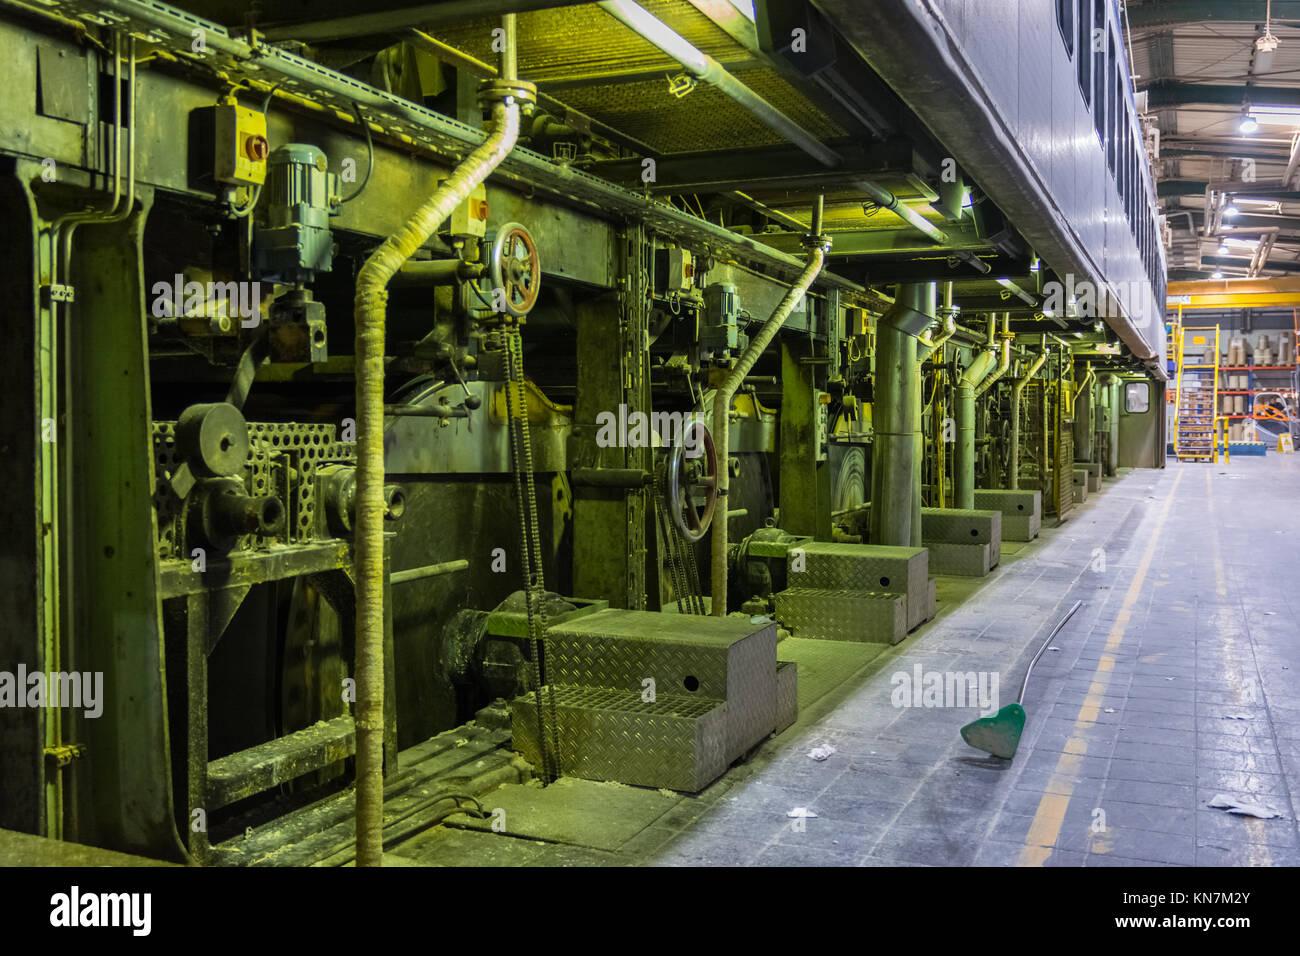 Papierfabrik rotational trockner trommeln zylinder gehäuse